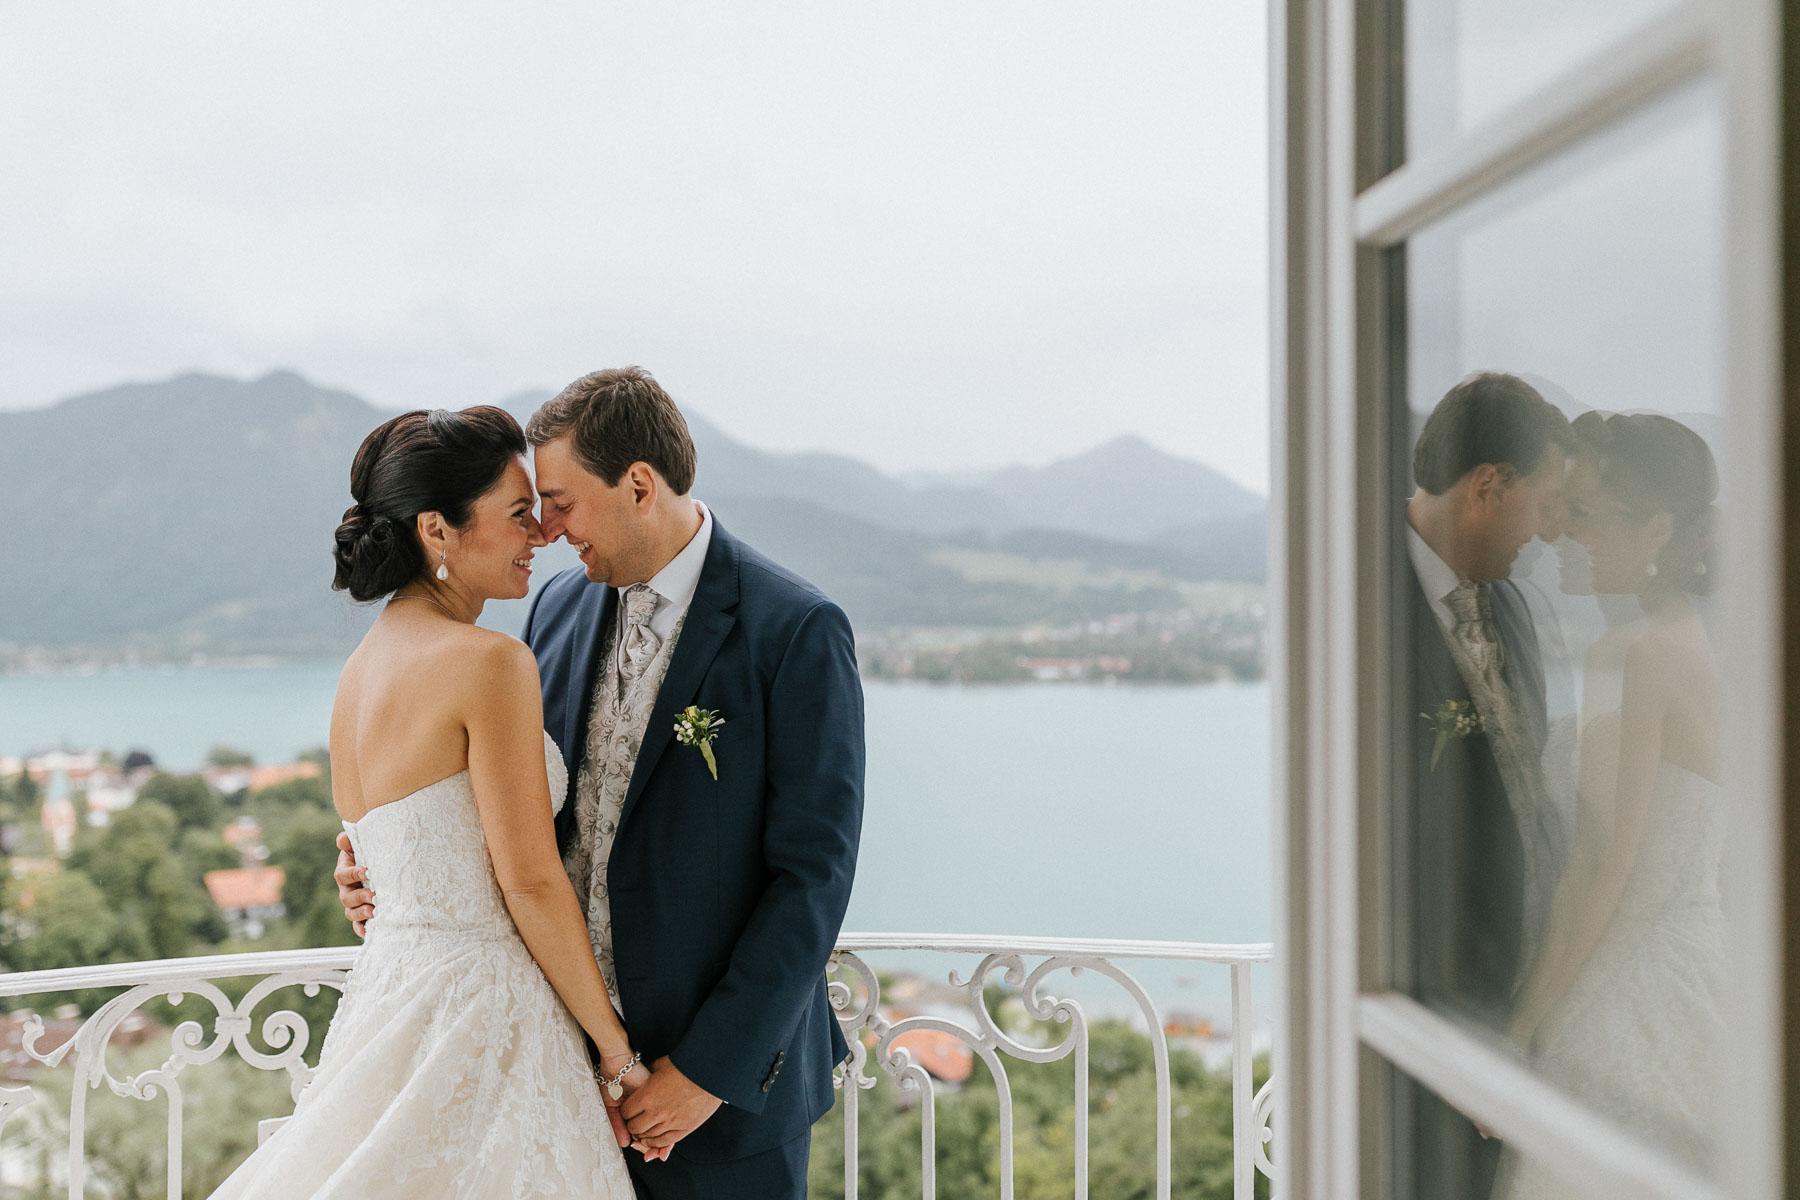 Das Tegernsee bietet eine tolle Hochzeitslocation für Hochzeiten und heiraten am Tegernsee. Hier war ich als Fotograf vor Ort und hielt die Hochzeit fest